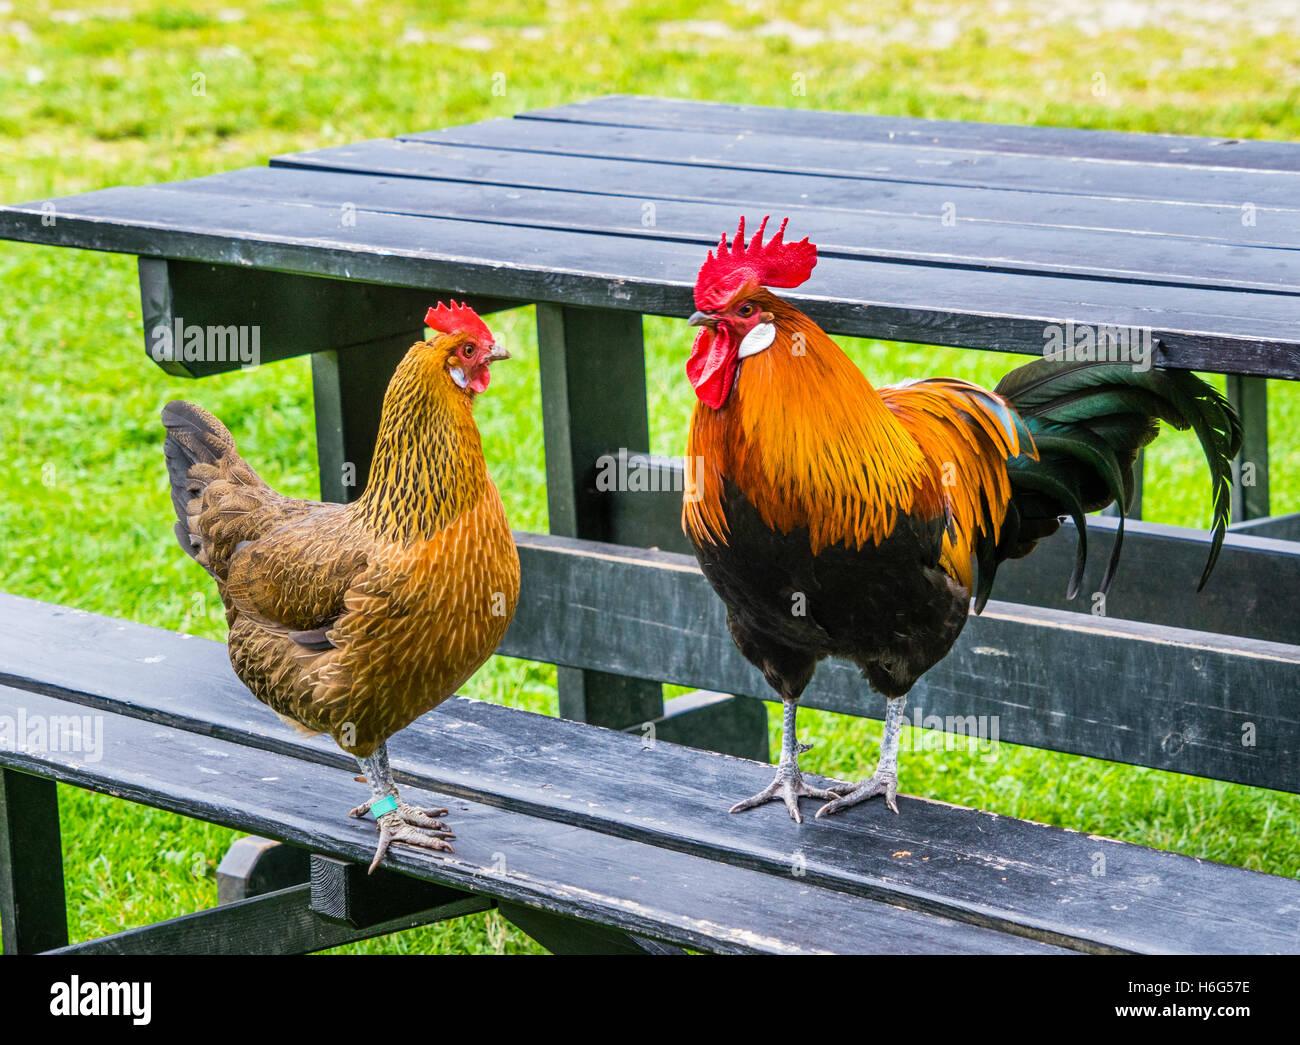 Danimarca, Funen, Odense, gallina gallo e occupare un tavolo da picnic presso il villaggio di Funen open air museum Immagini Stock